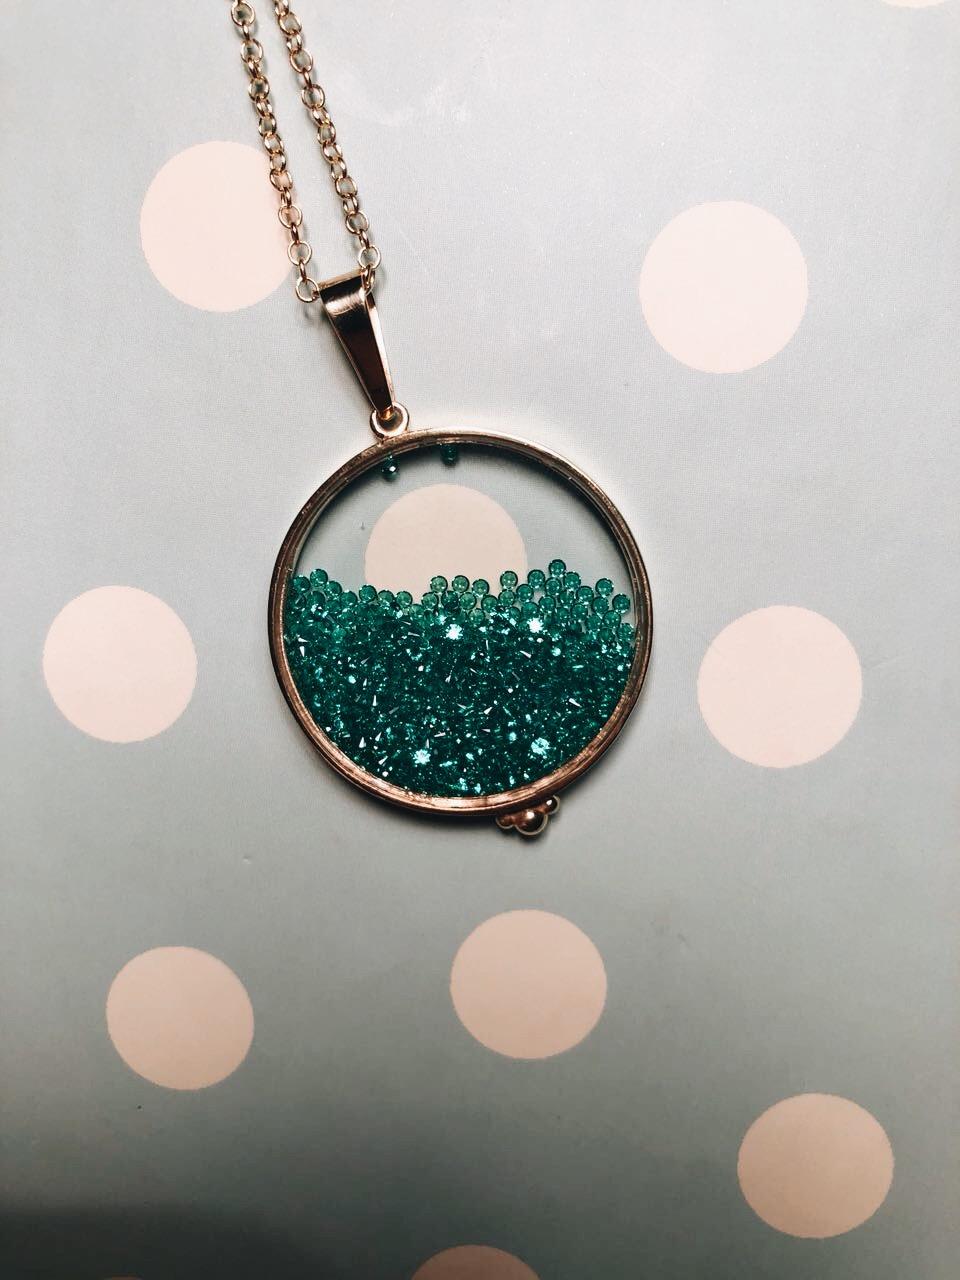 0E510867 9C0C 40FC 8F68 801F6D966FFD - Marina Vicintin, Jewelry Designer